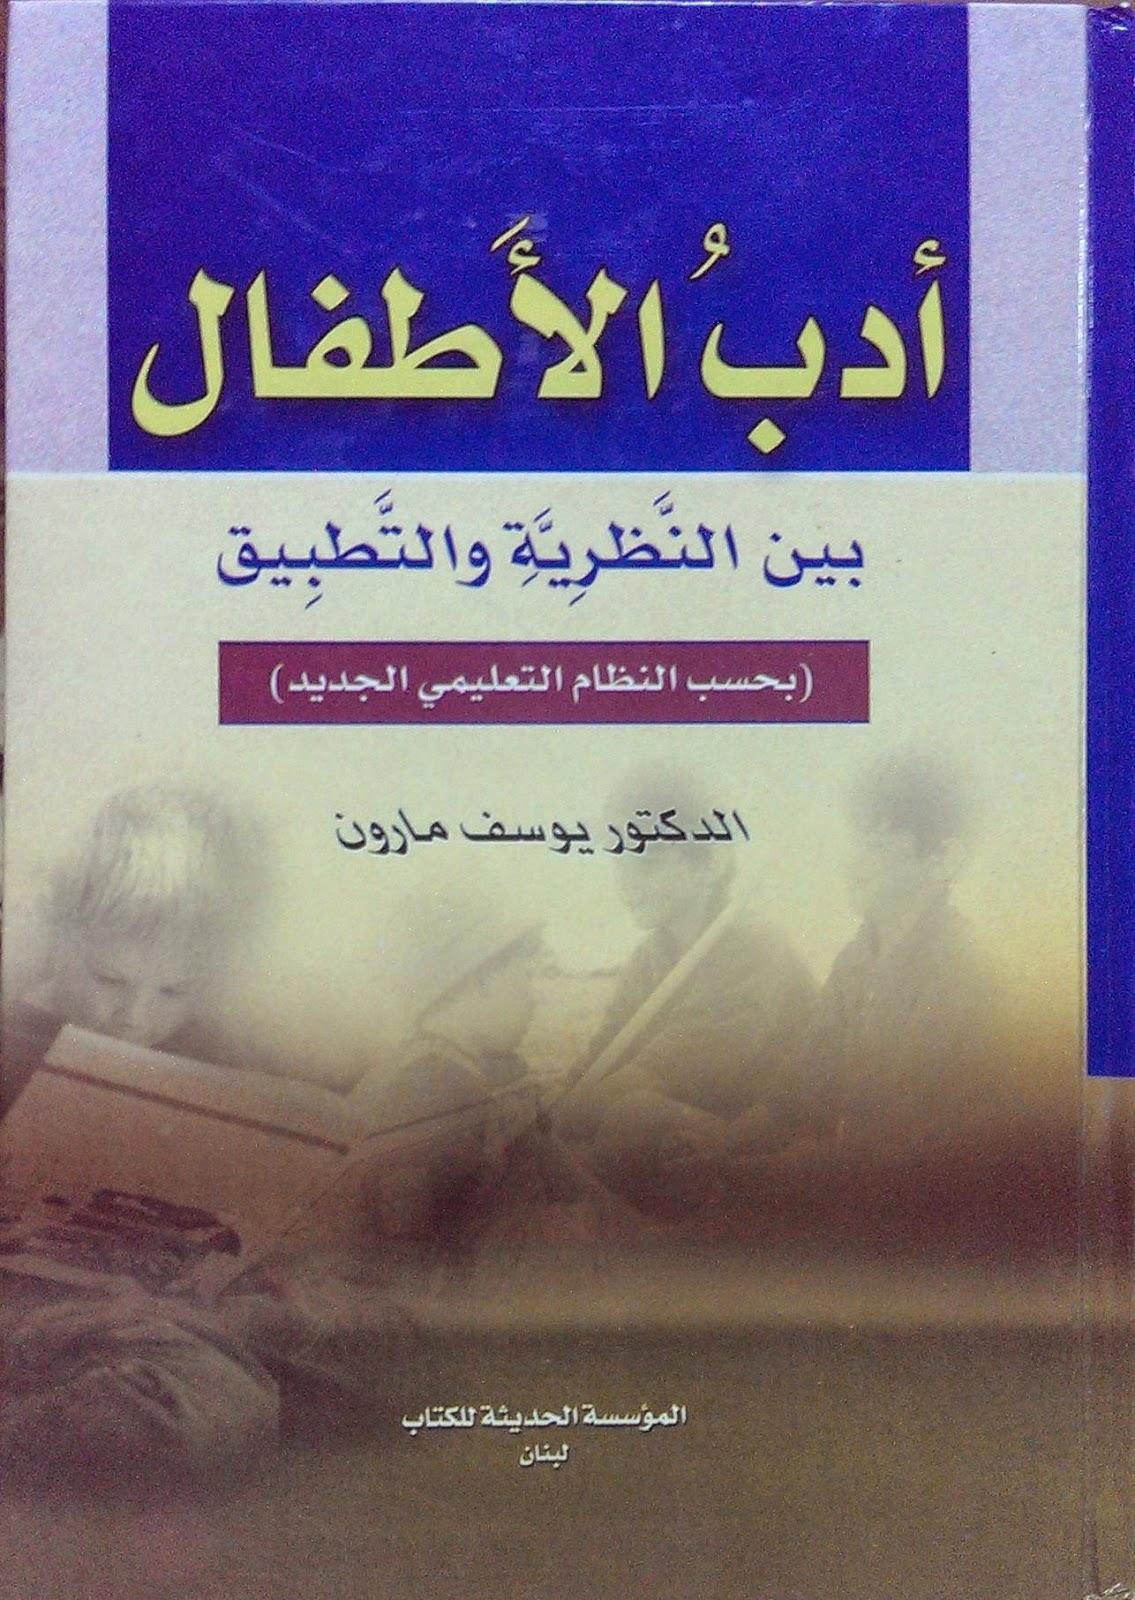 أدب الأطفال بين النظرية والتطبيق للدكتور يوسف مارون